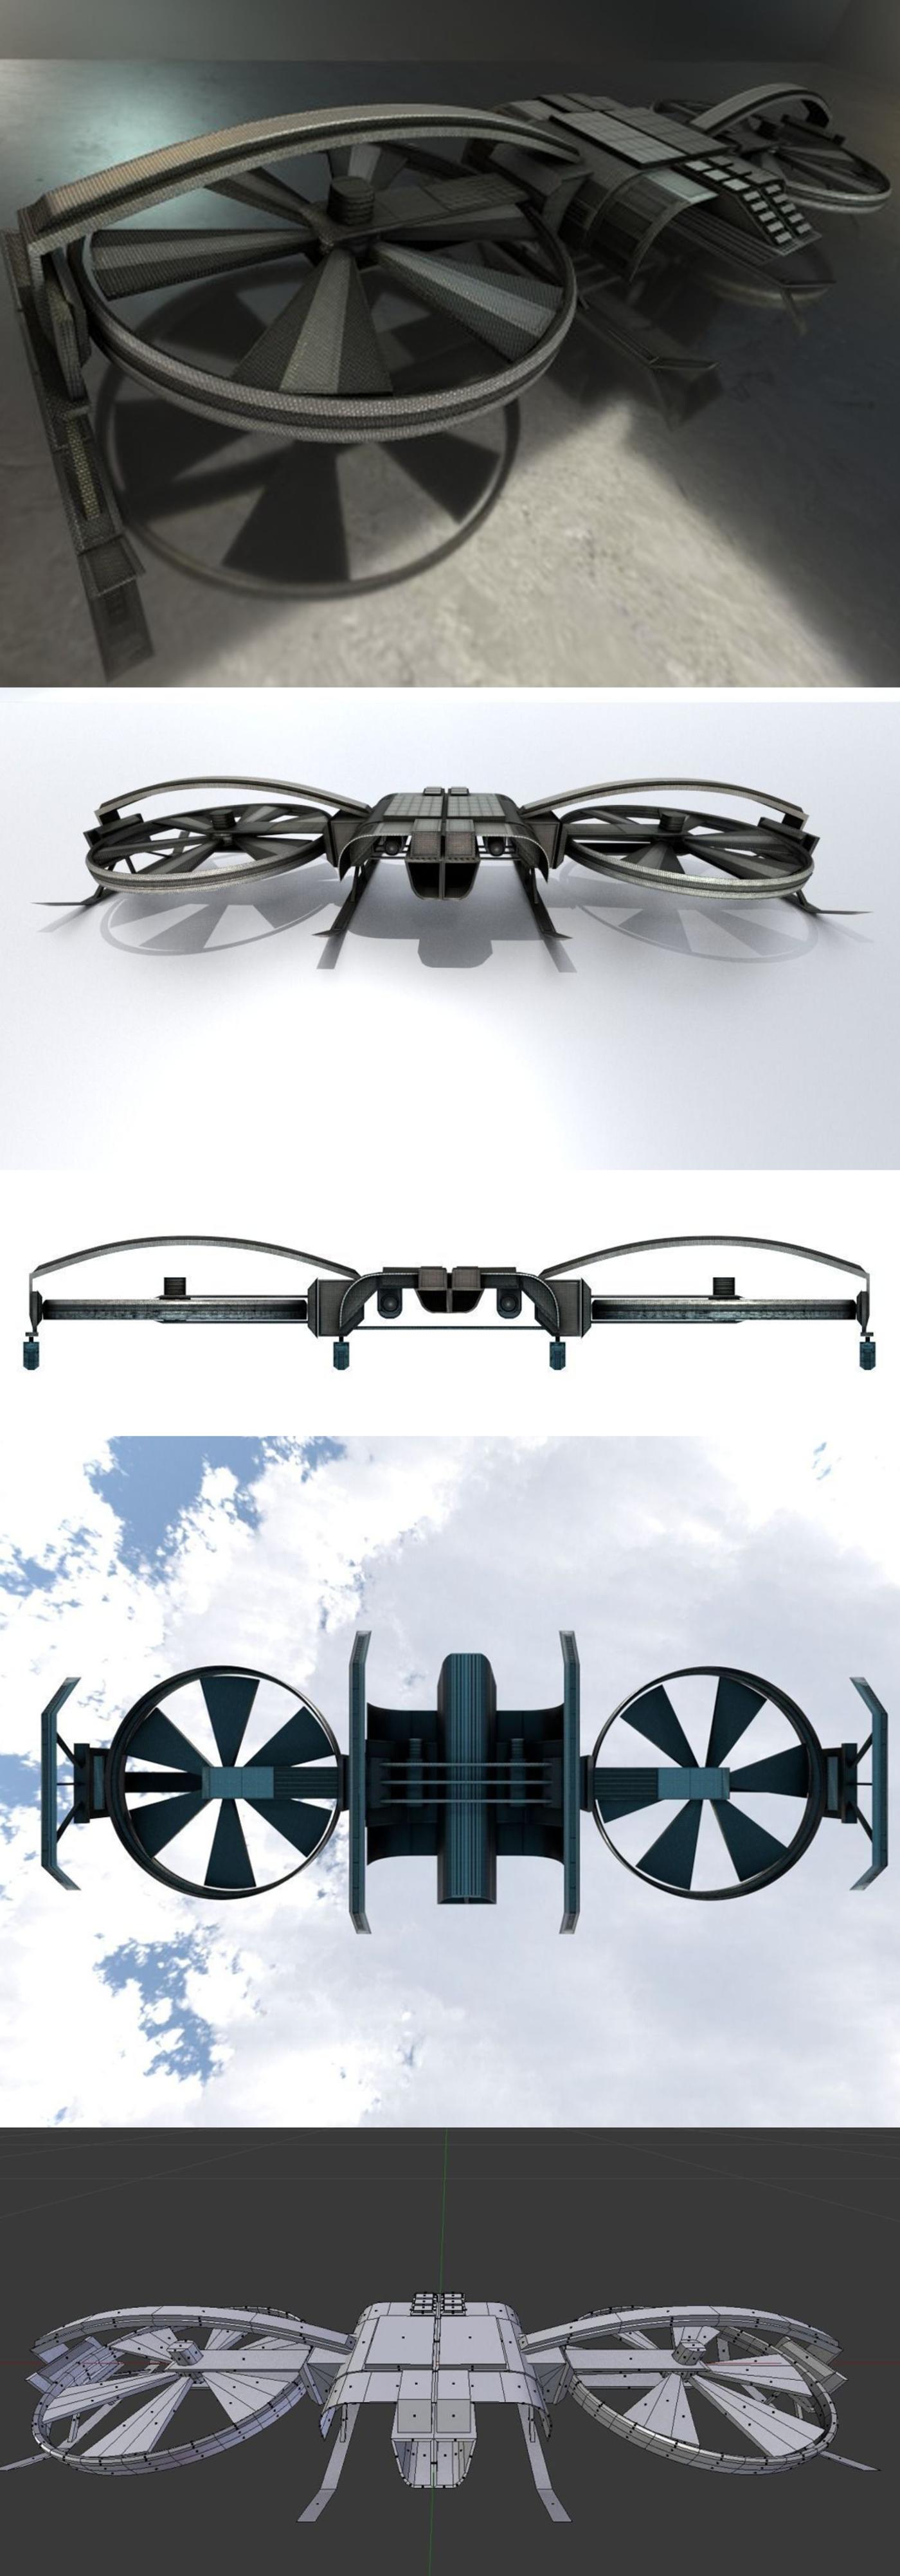 Drone Design - Blender Game Engine